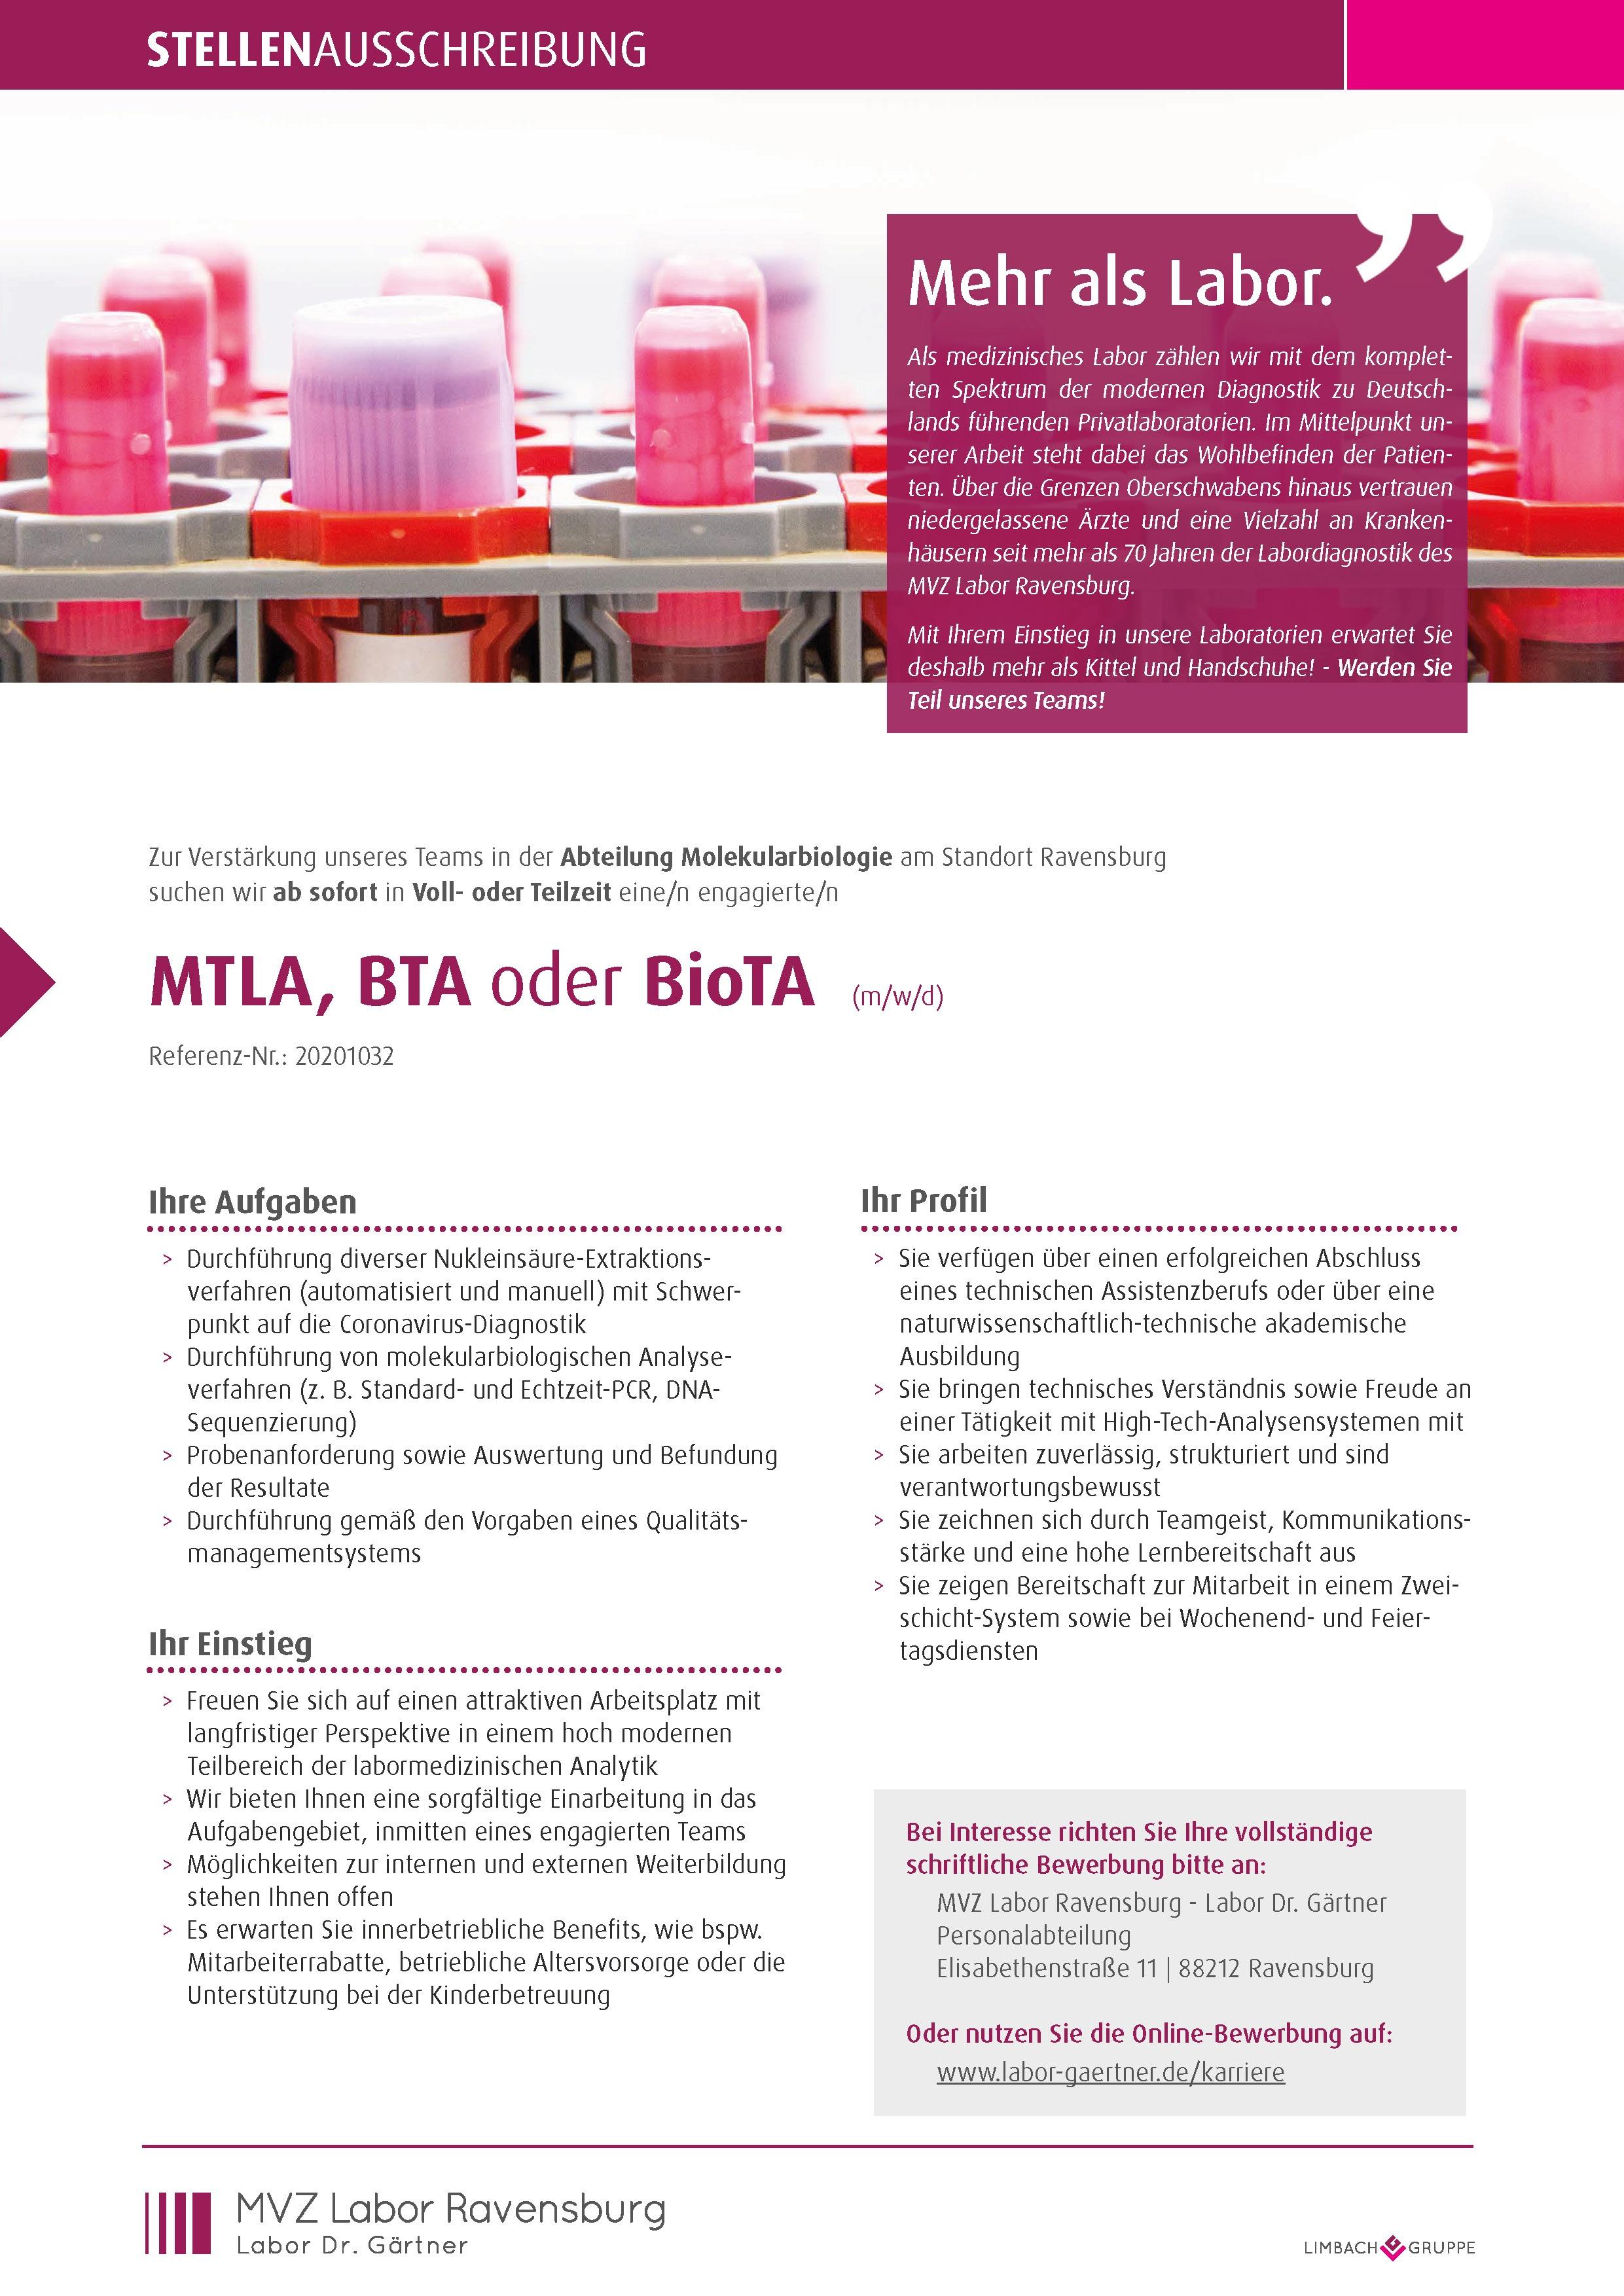 MTLA, BTA oder BioTA (m/w/d)